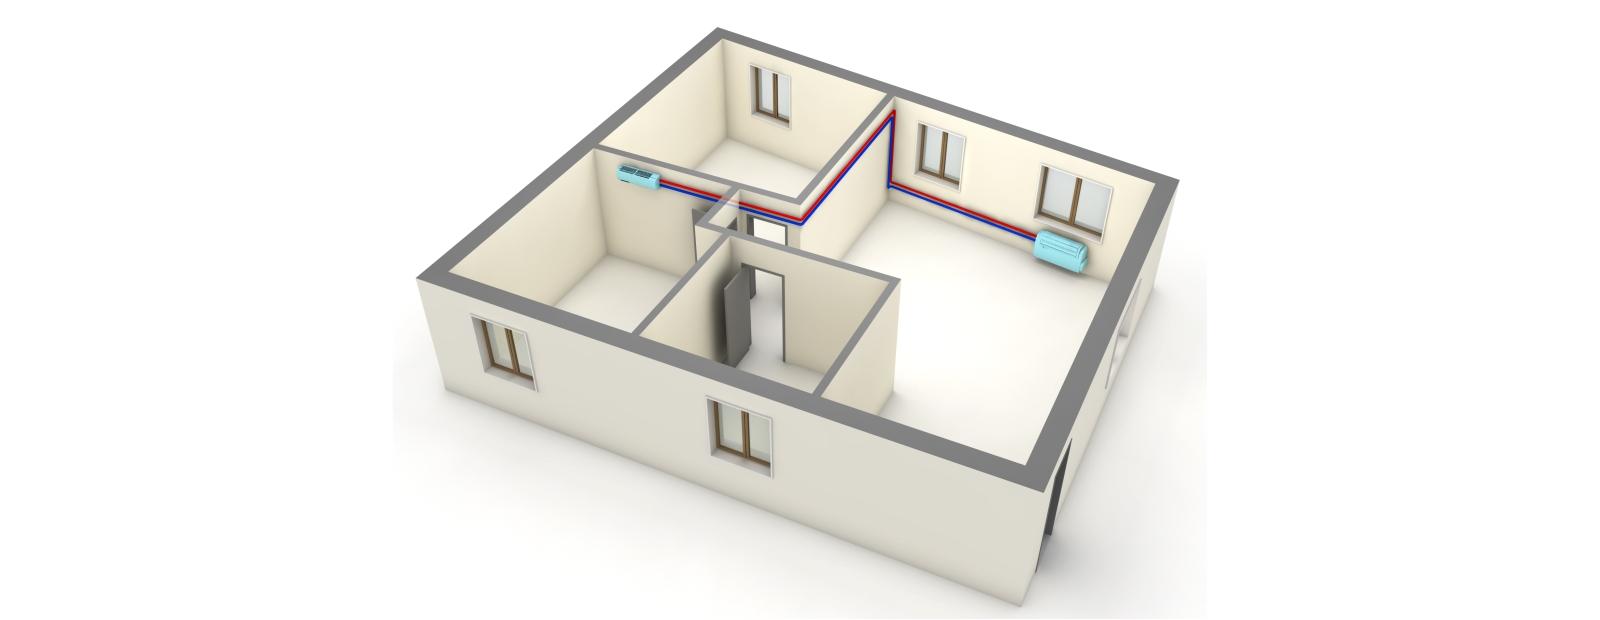 Climatizzatore senza unit esterna unico twin olimpia - Condizionatori inverter senza unita esterna ...